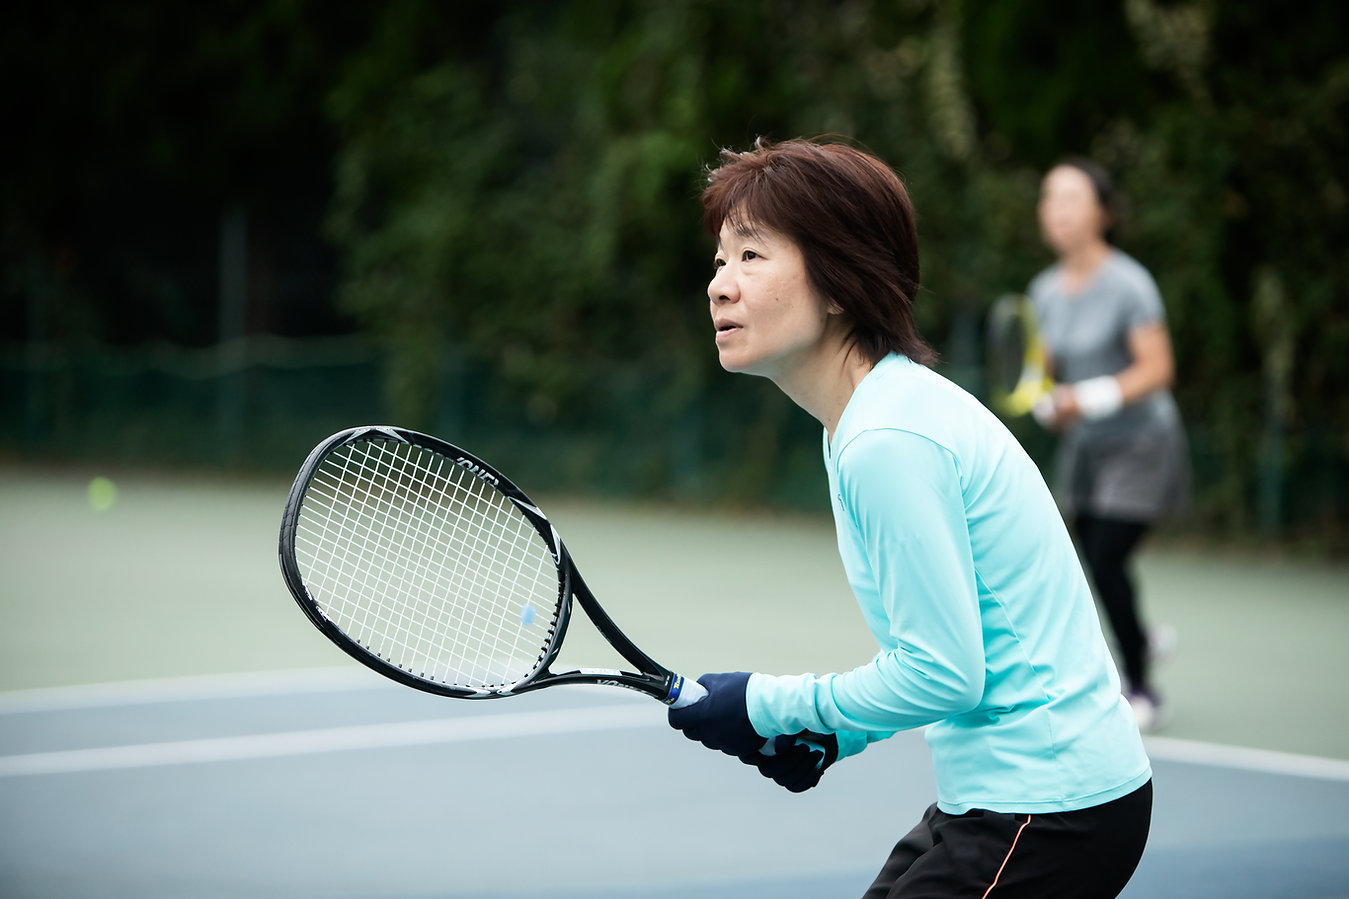 Playing Tennis